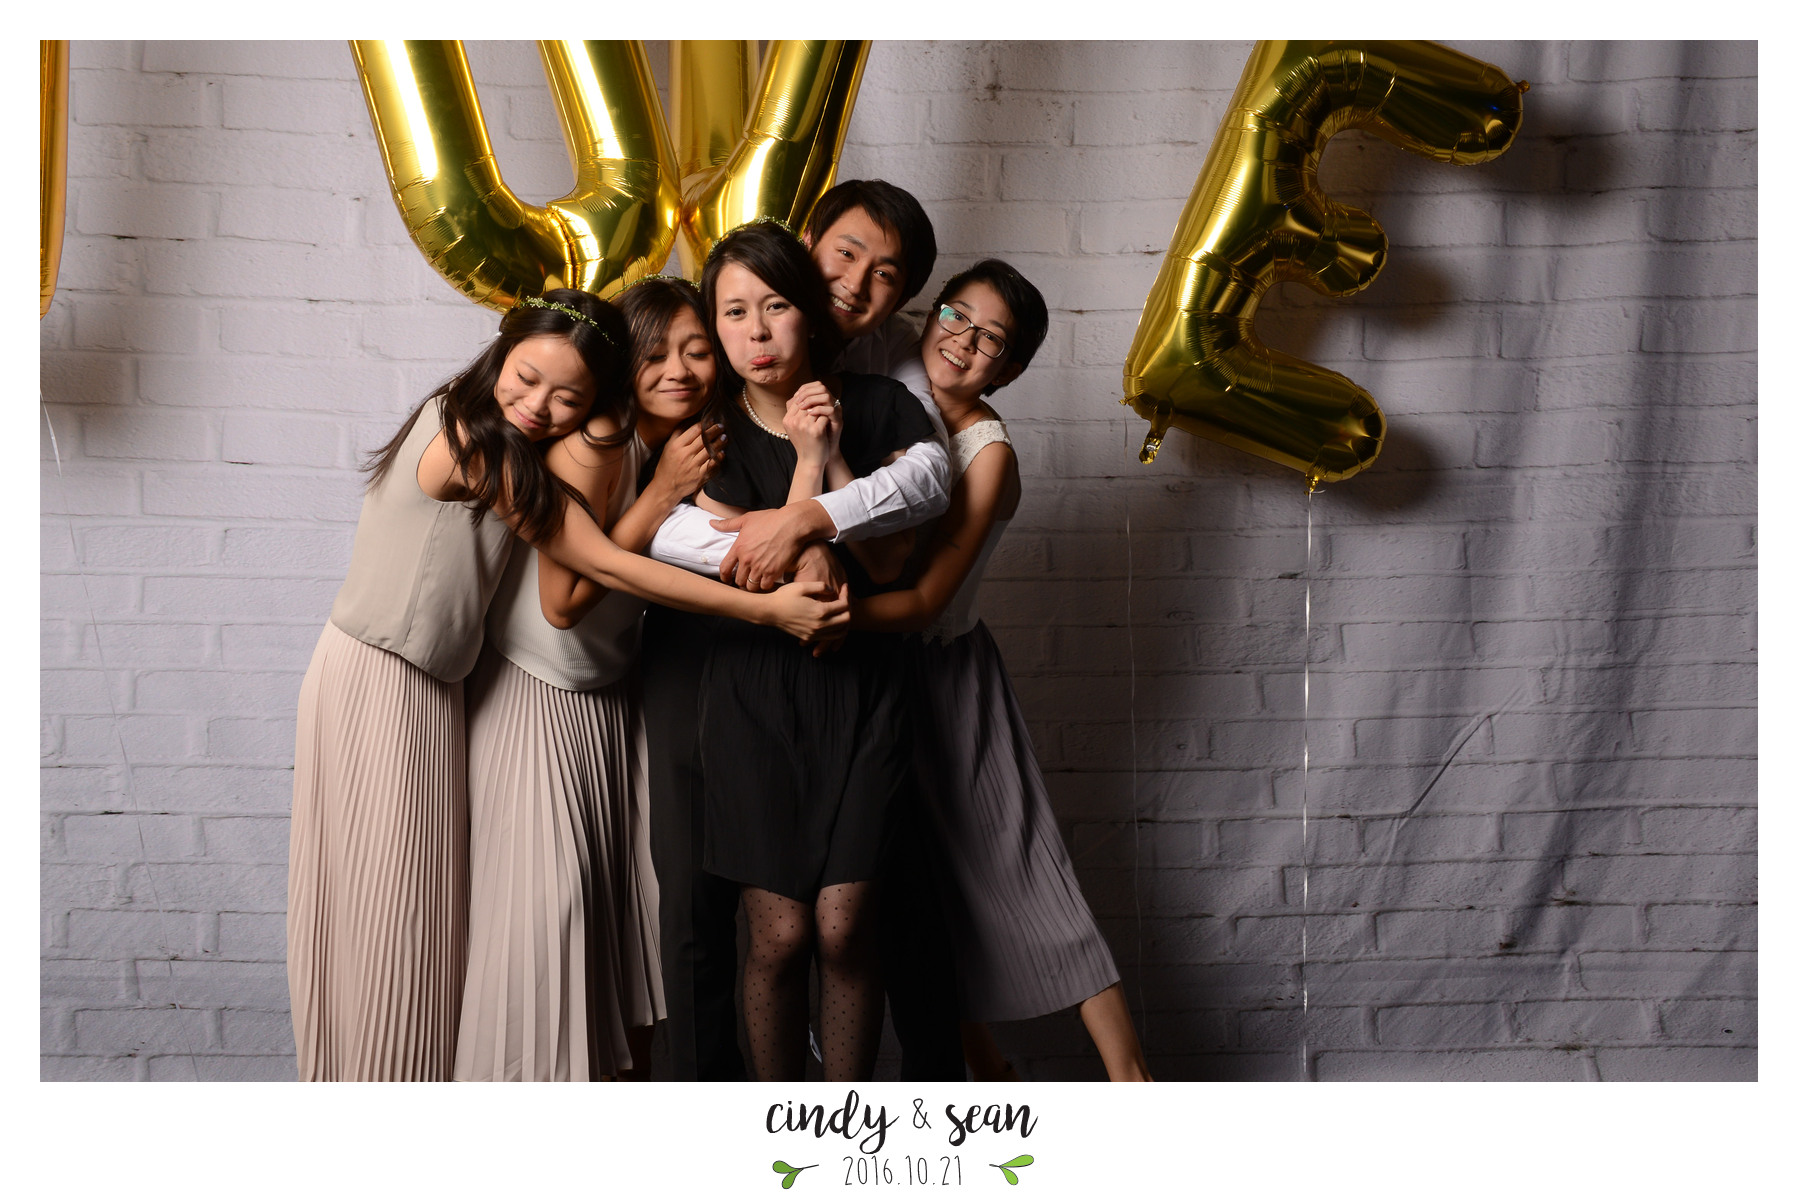 Cindy Sean Bae - 0001-231.jpg